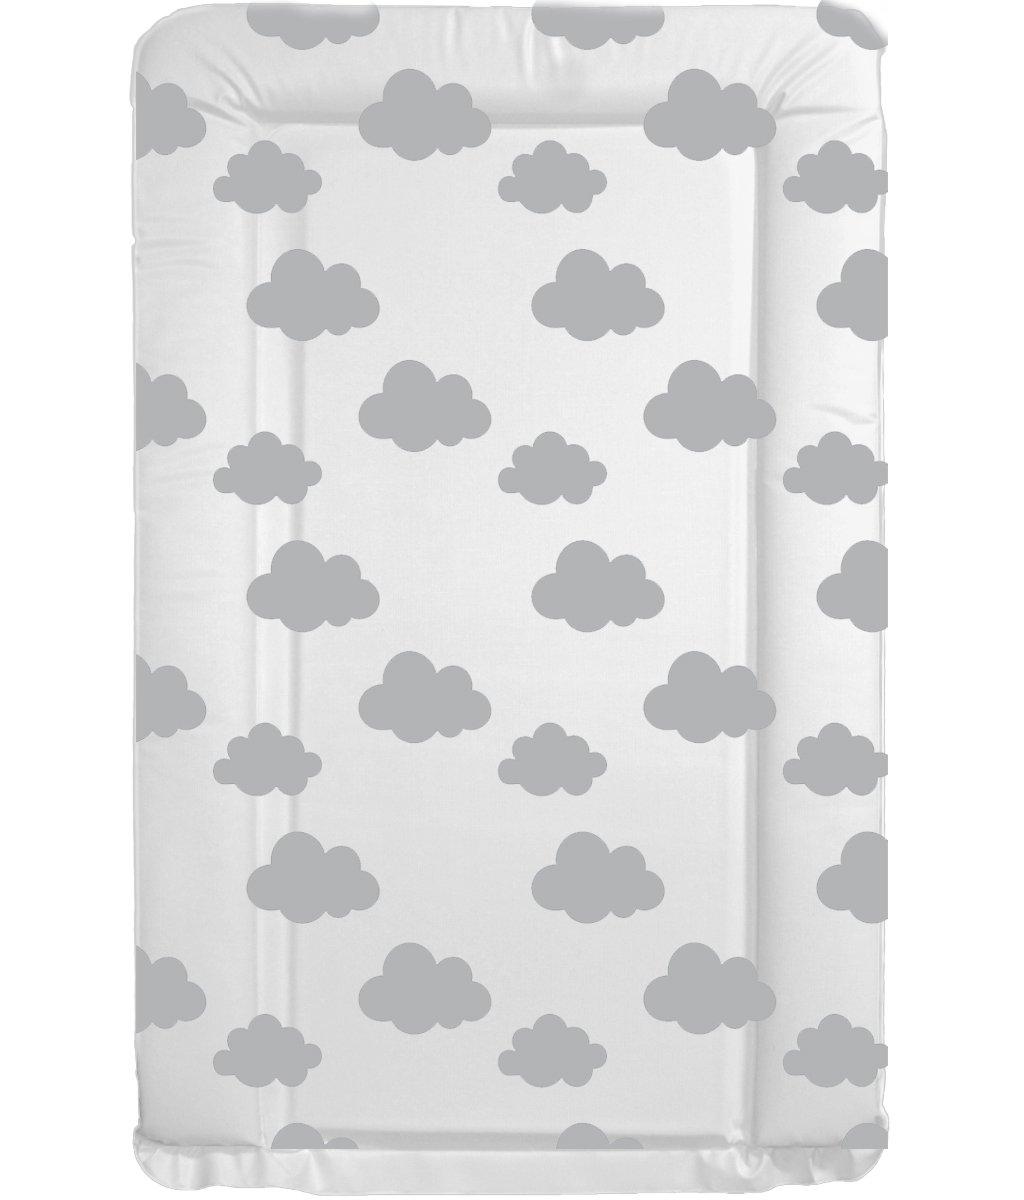 de calidad unisex Cambiador de tela para beb/és con los bordes doblados y con un dise/ño /único de jirafas /único de colores gris y blanco. impermeable